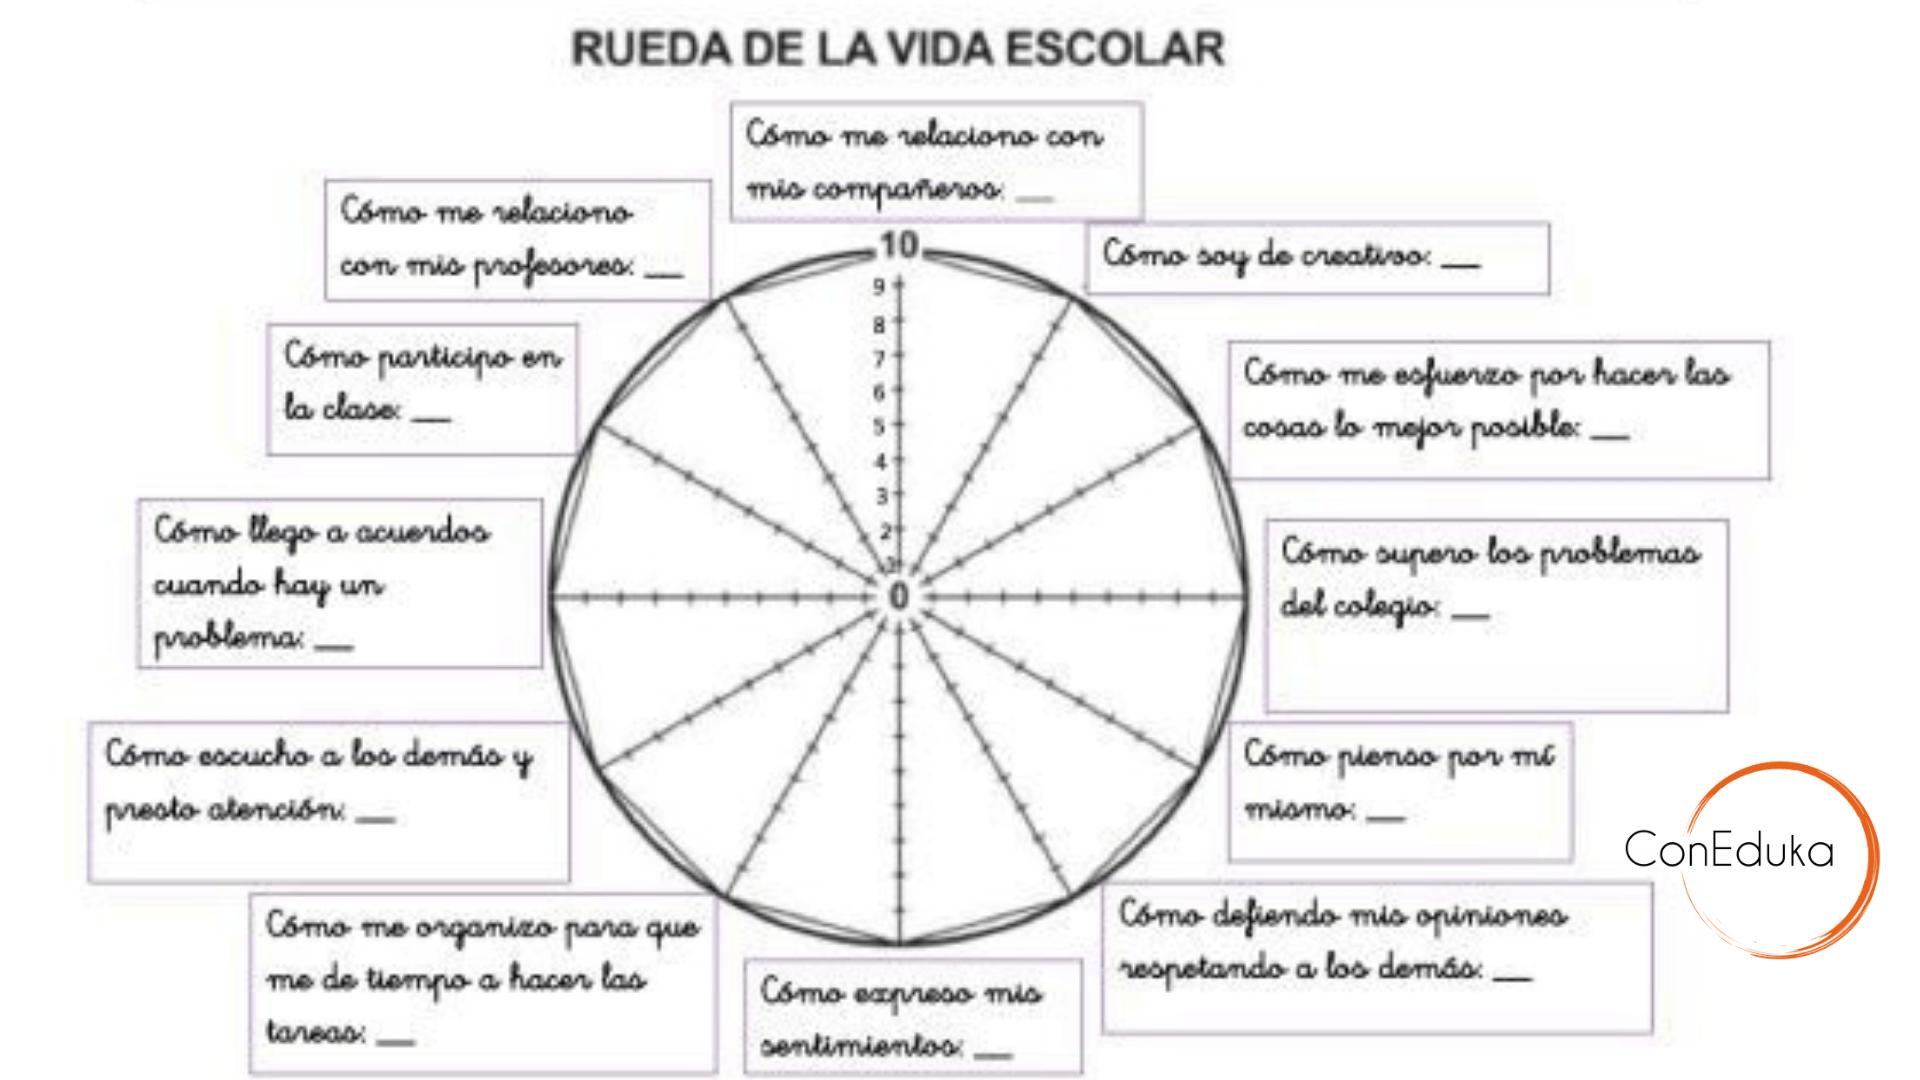 la rueda de la vida educativa